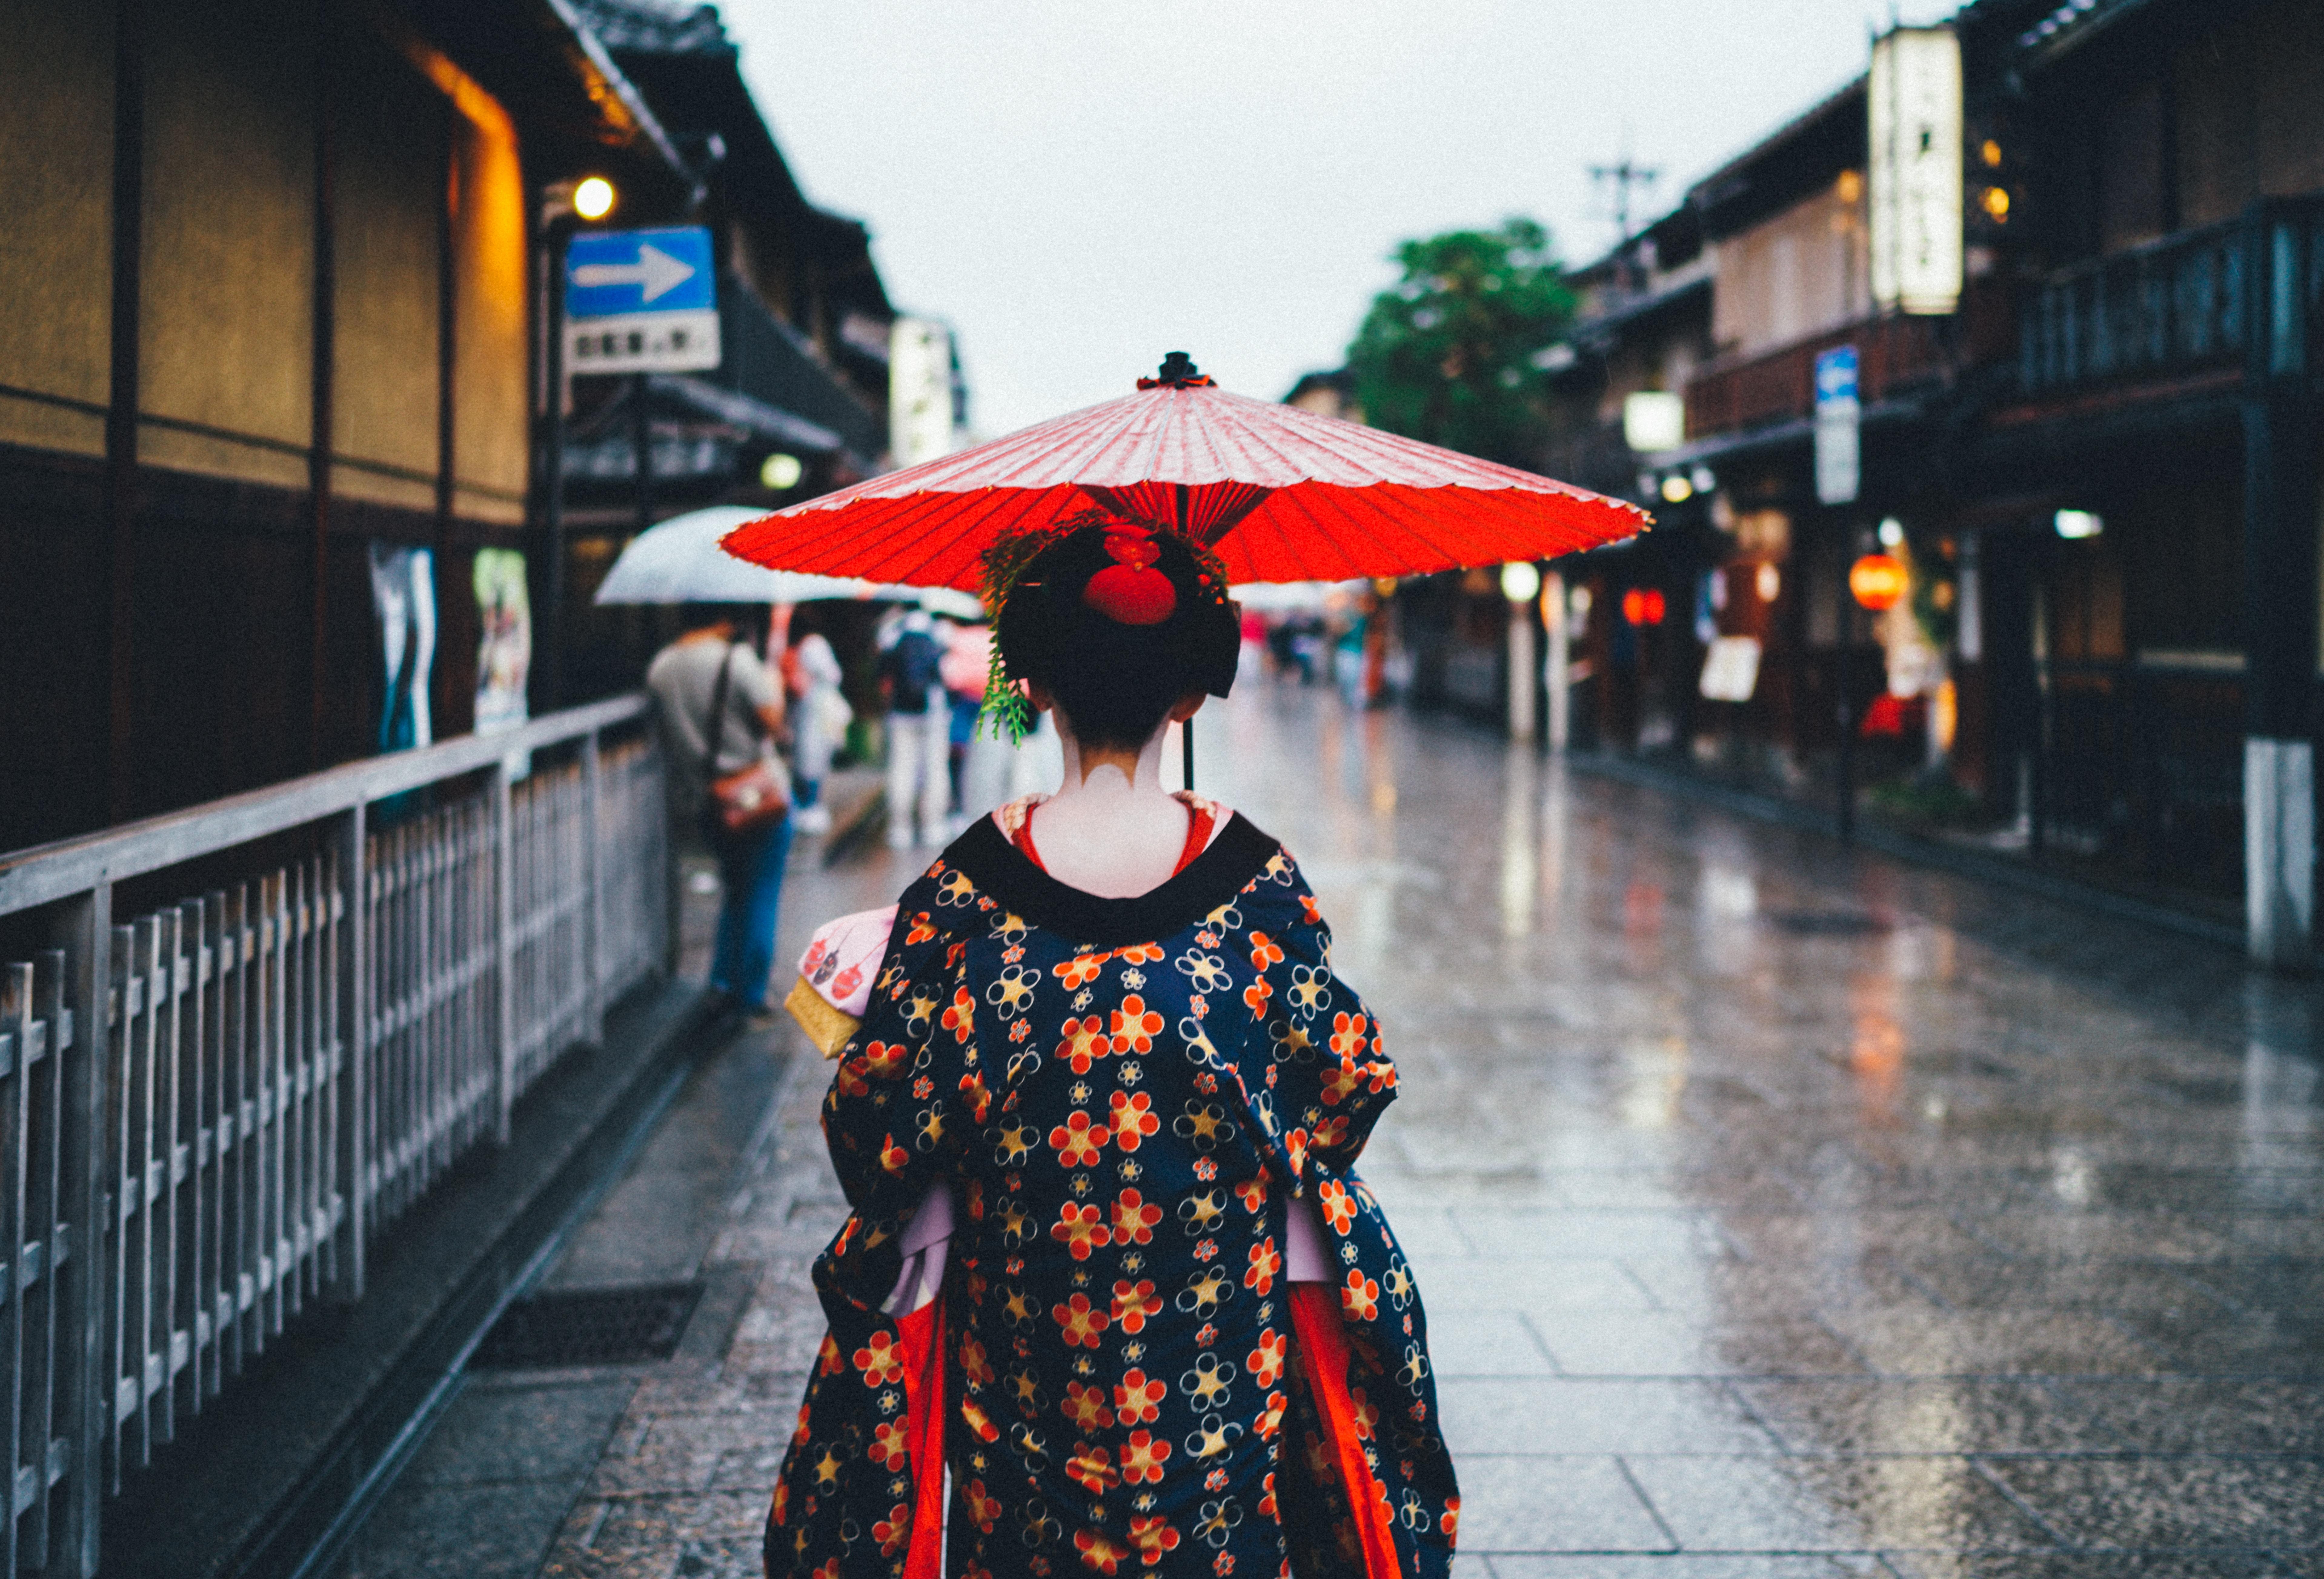 Photo by Tianshu Liu on Unsplash